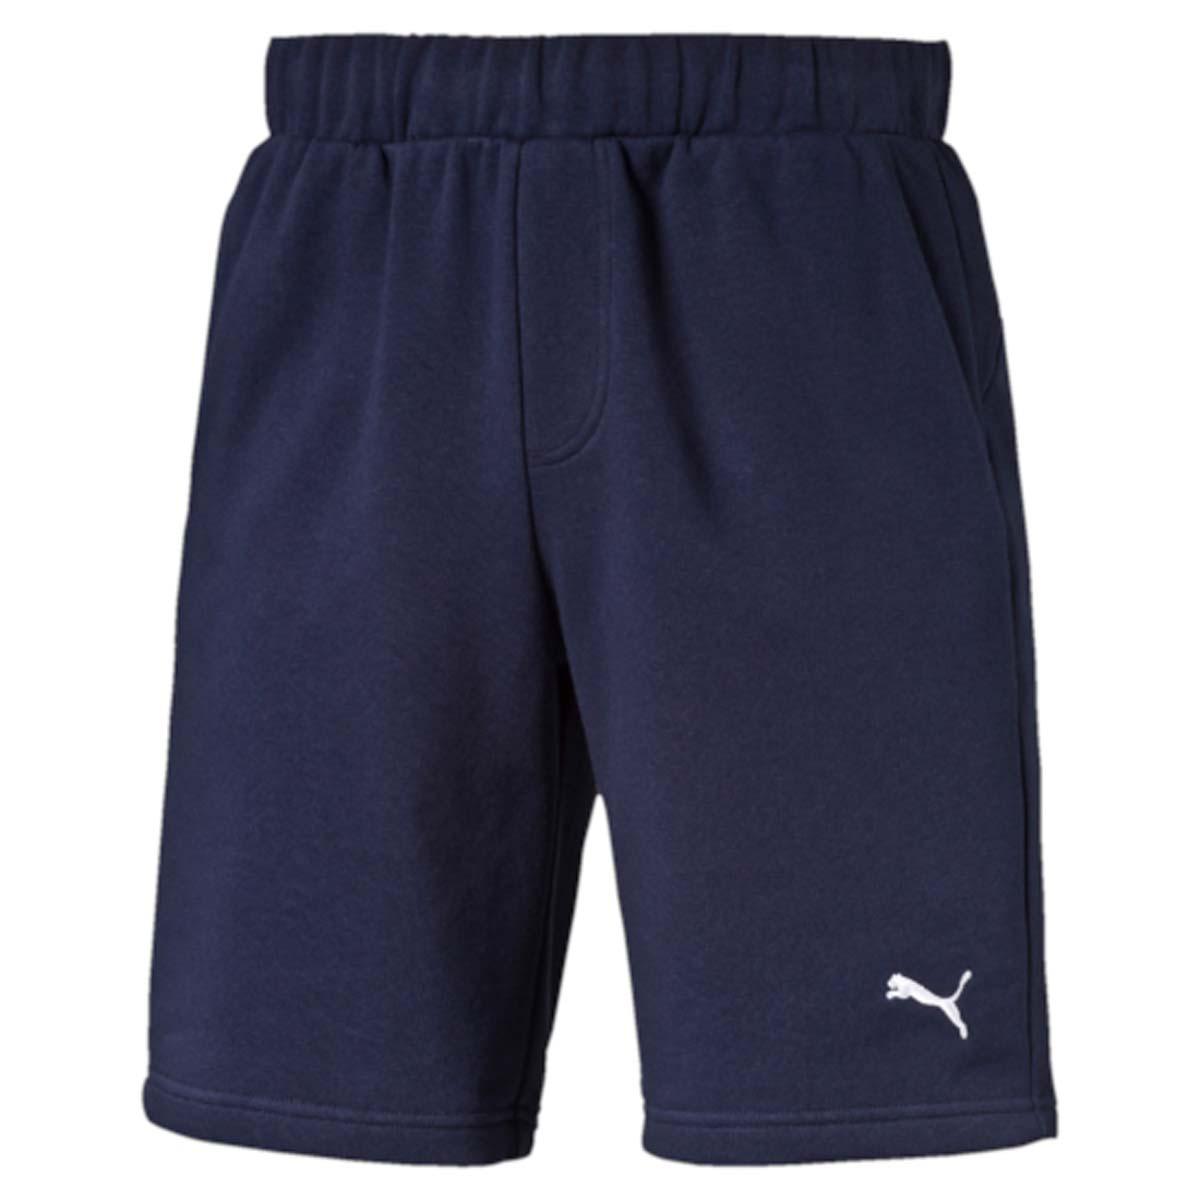 Шорты мужские Puma Ess Sweat Shorts 9, цвет: синий. 838260_06. Размер S (46/48)838260_06Шорты ESS Sweat Shorts 9, выполненные из хлопка и полиэстера, прекрасно подойдут для ежедневного использования, а также для тренировок. Шорты декорированы вышитым логотипом PUMA. Среди других отличительных особенностей изделия - пояс из его основного материала с продернутым затягивающимся шнуром, карманы в швах, а также нашитая сверху задняя кокетка для лучшей посадки по фигуре.